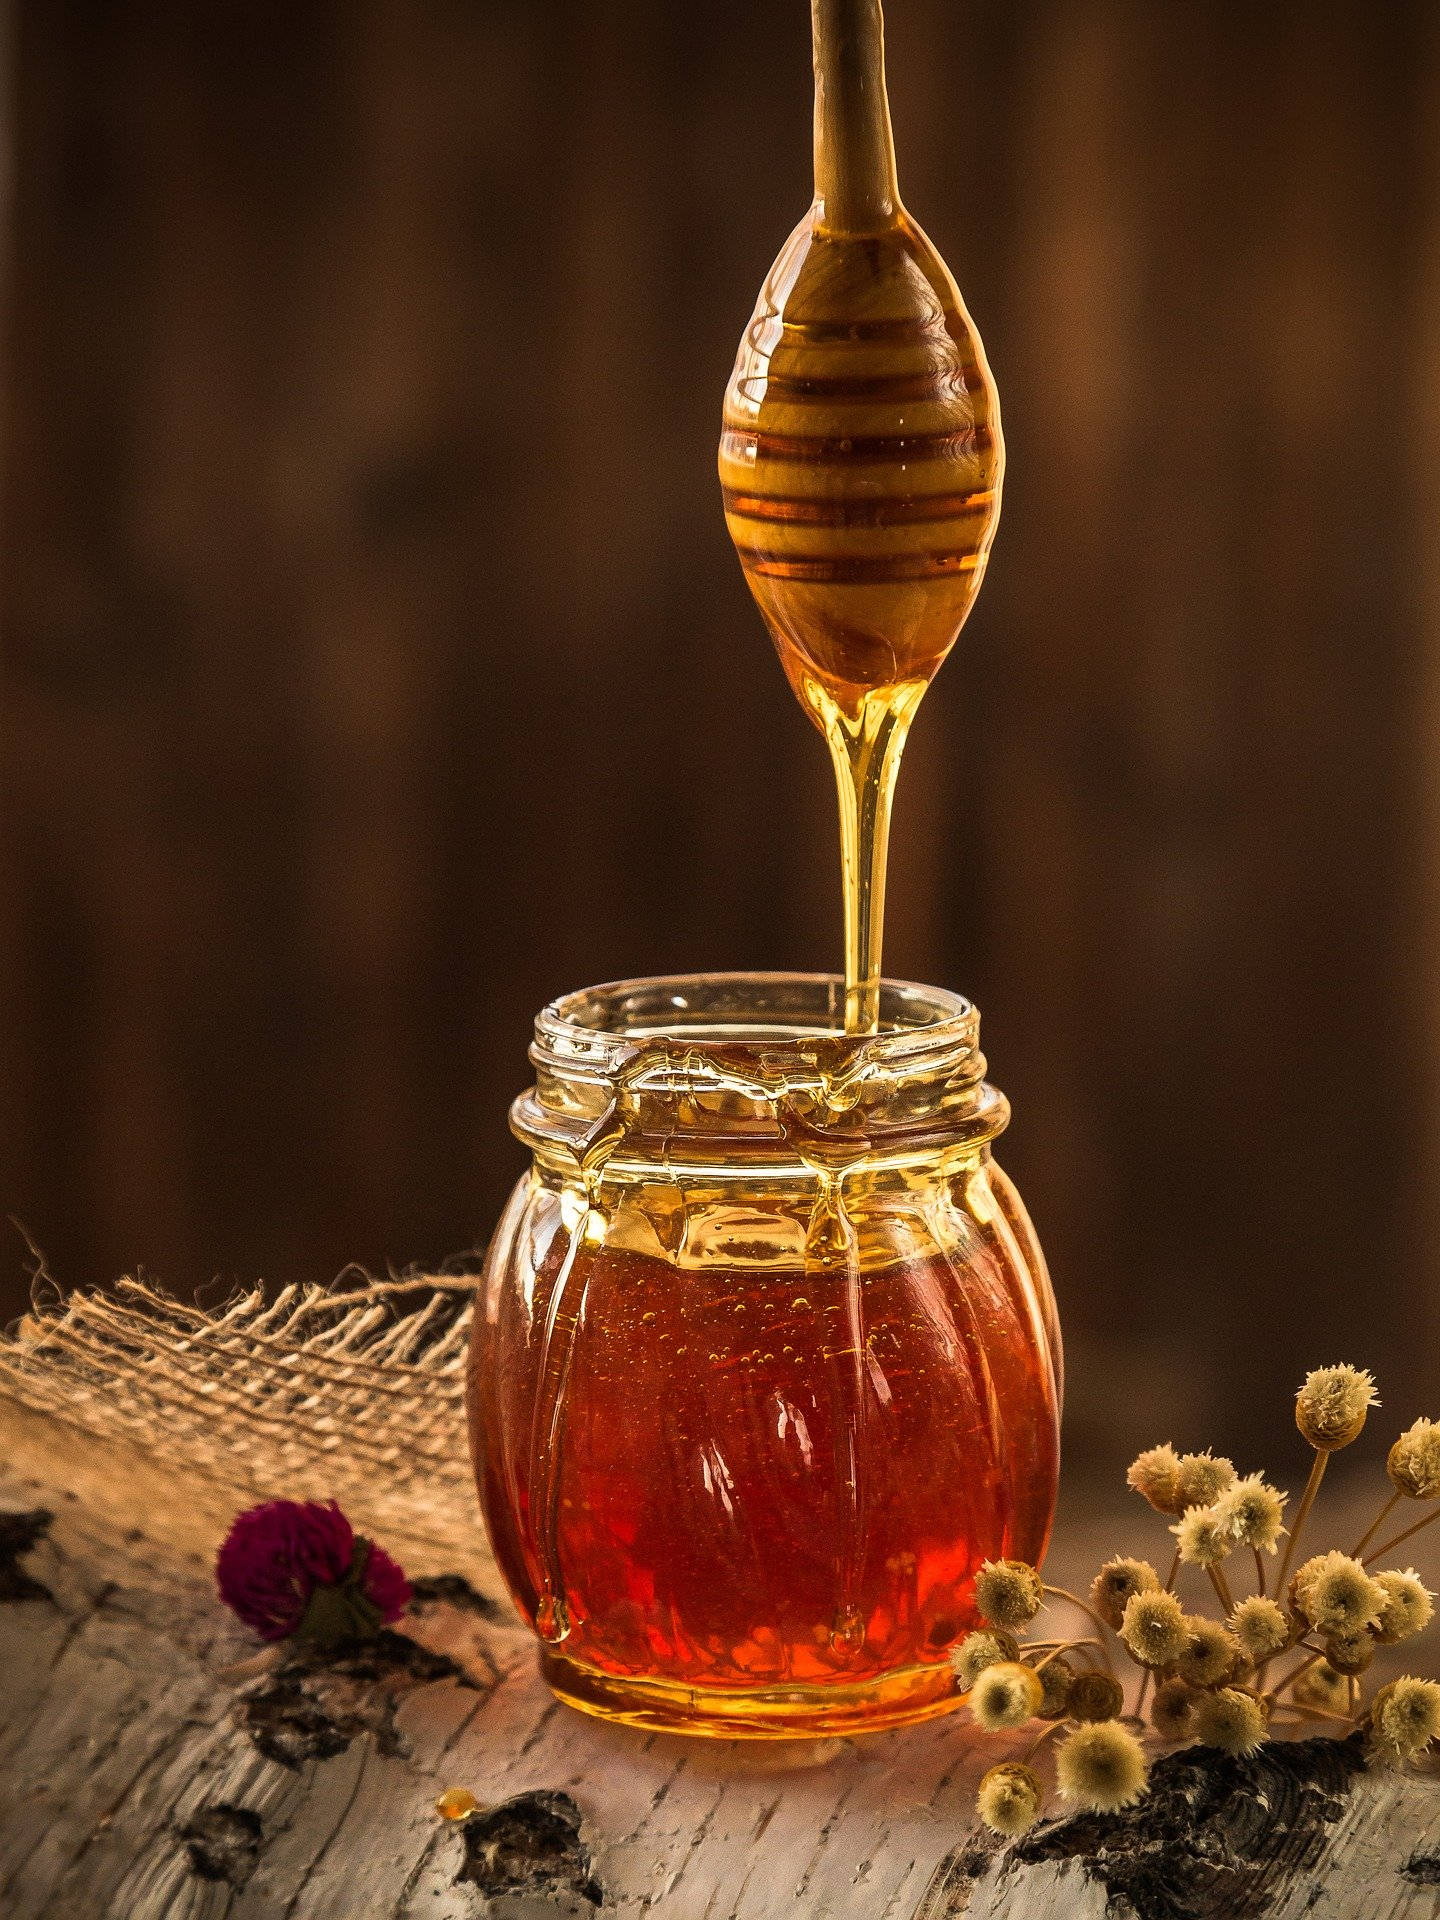 มาสก์หน้าด้วยน้ำผึ้ง